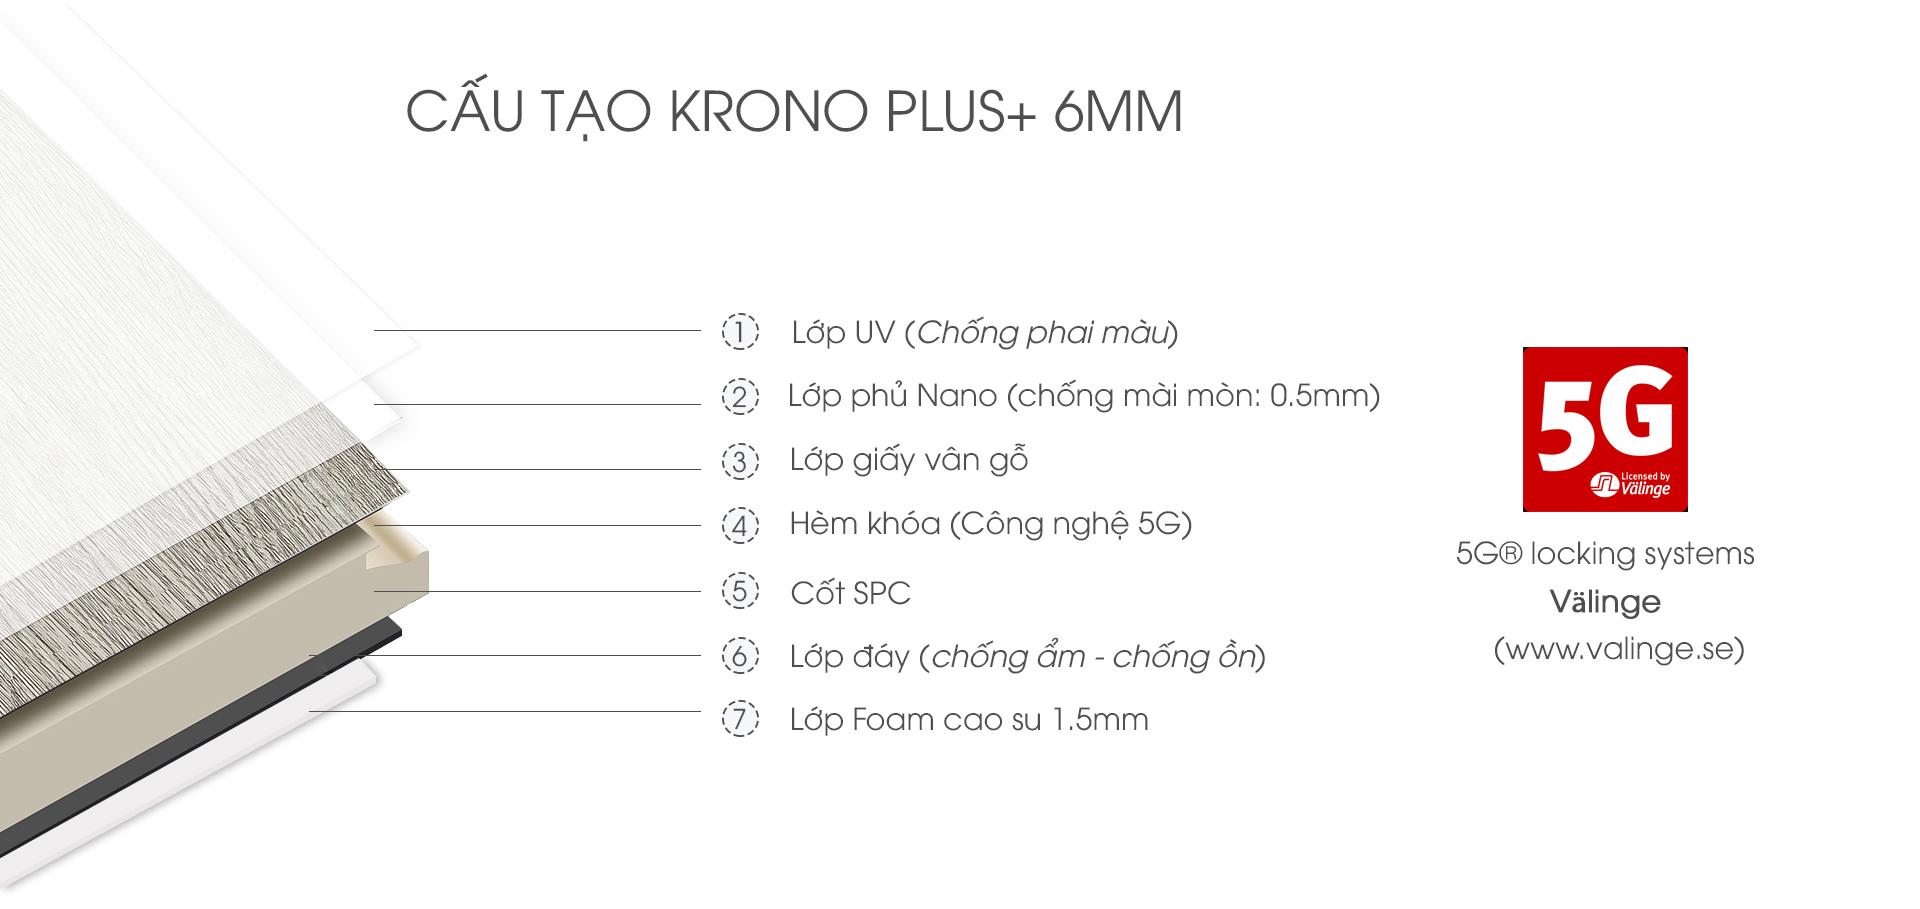 cấu tạo sàn nhựa krono Plus+ 6mm